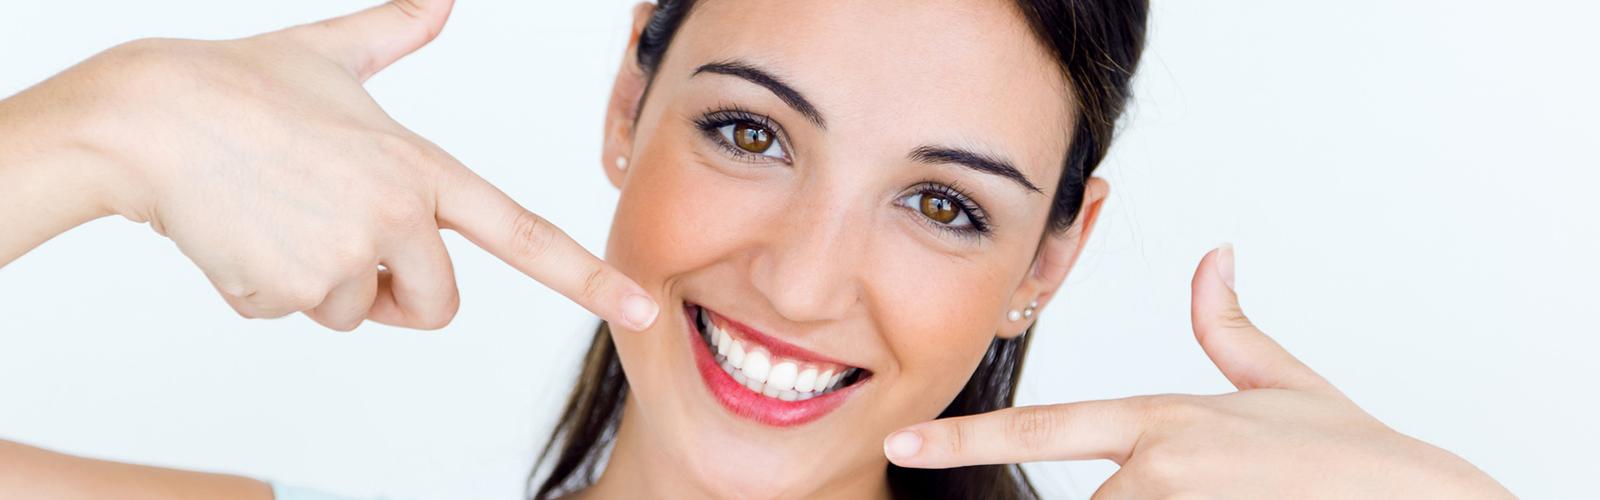 Kobieta wskazująca na swoje zęby